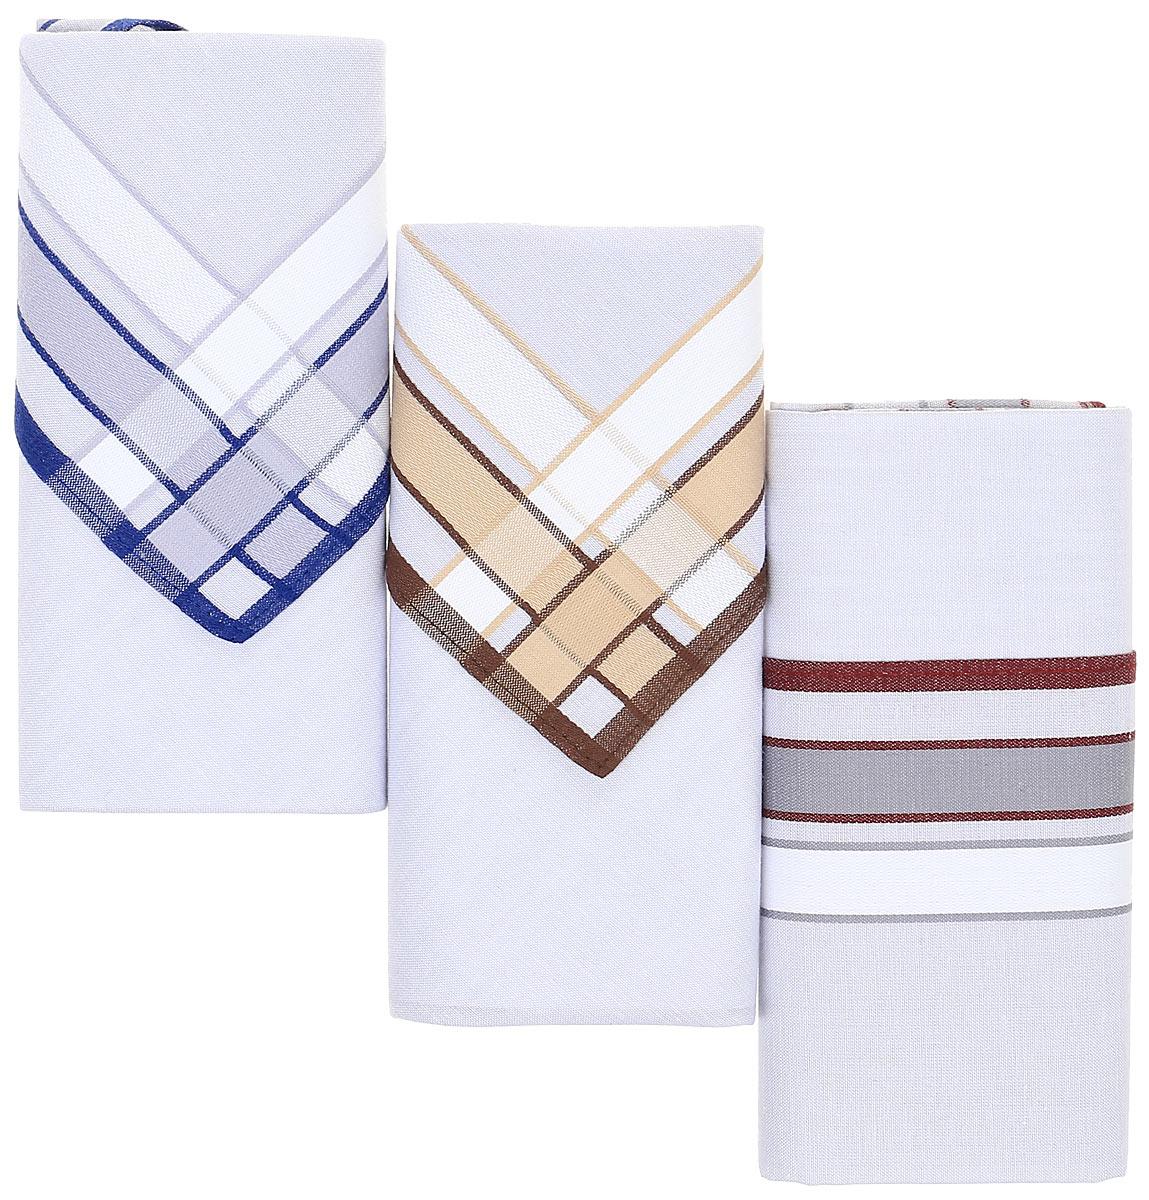 Платок носовой мужской Zlata Korunka, цвет: мультиколор, 3 шт. М54В. Размер 39 х 39 смМ54ВНосовые платки изготовлены из натурального хлопка, приятны в использовании, хорошо стираются, материал не садится и отлично впитывает влагу. В упаковке 3 штуки.